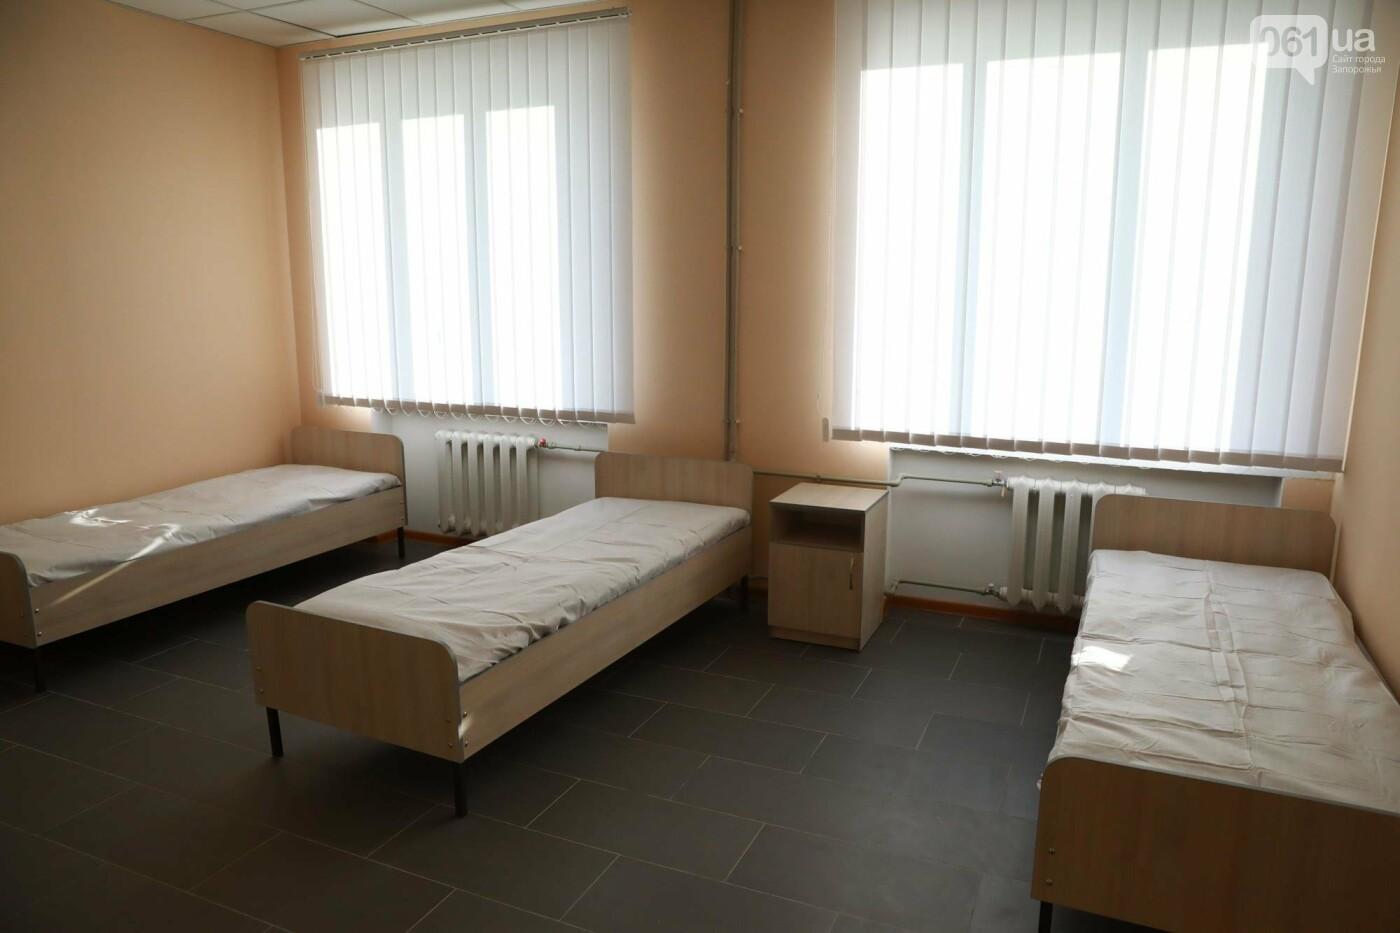 В Запорожской области за 2 миллиона евро отремонтировали больницу, - ФОТО, фото-8